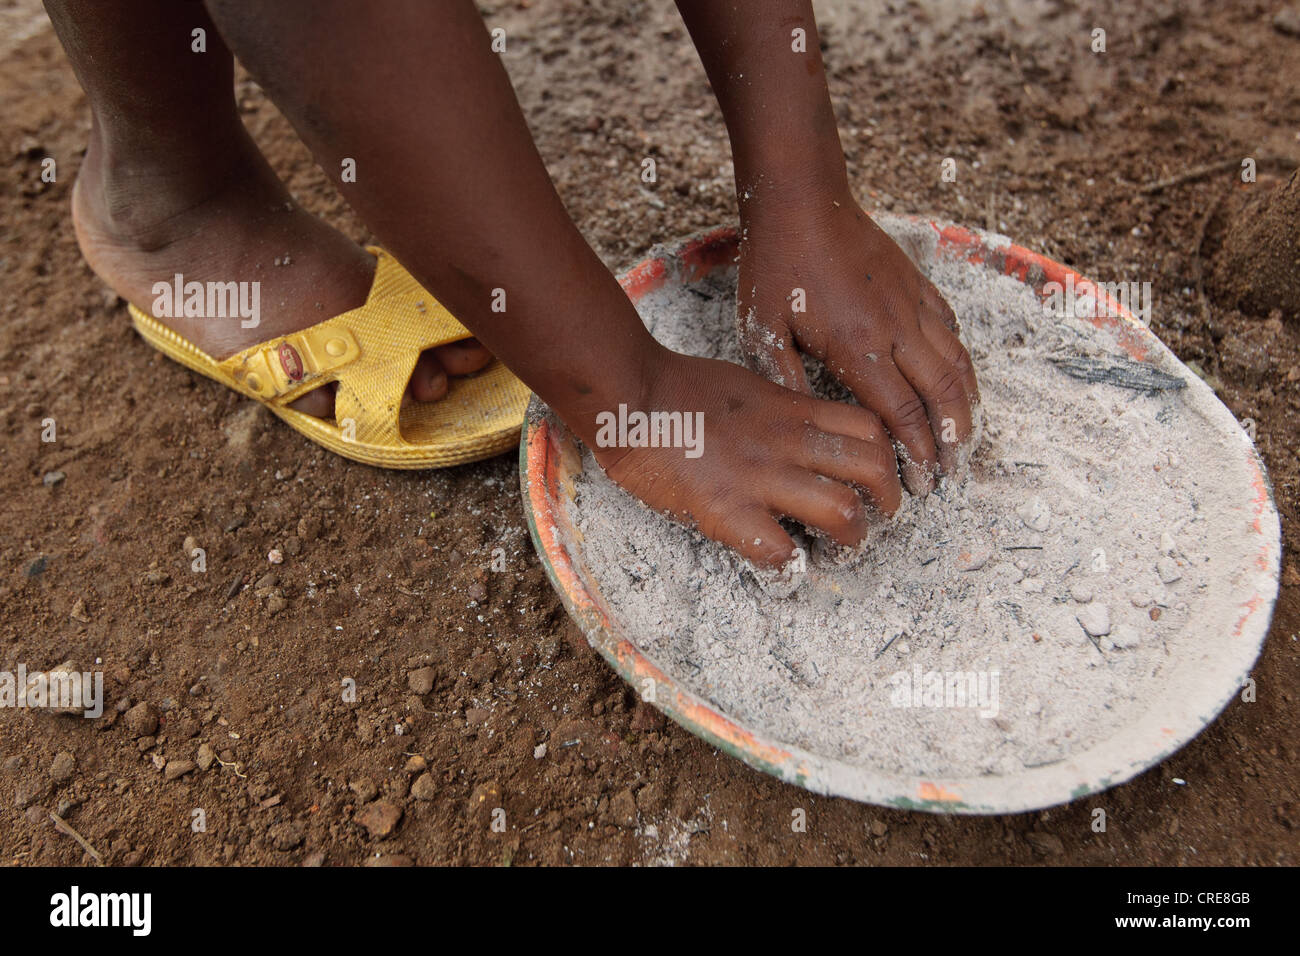 Eine Mädchen nimmt dabei eine Handvoll Asche, Ersatz für Seife, sie wäscht seine Hände an einem Stockbild